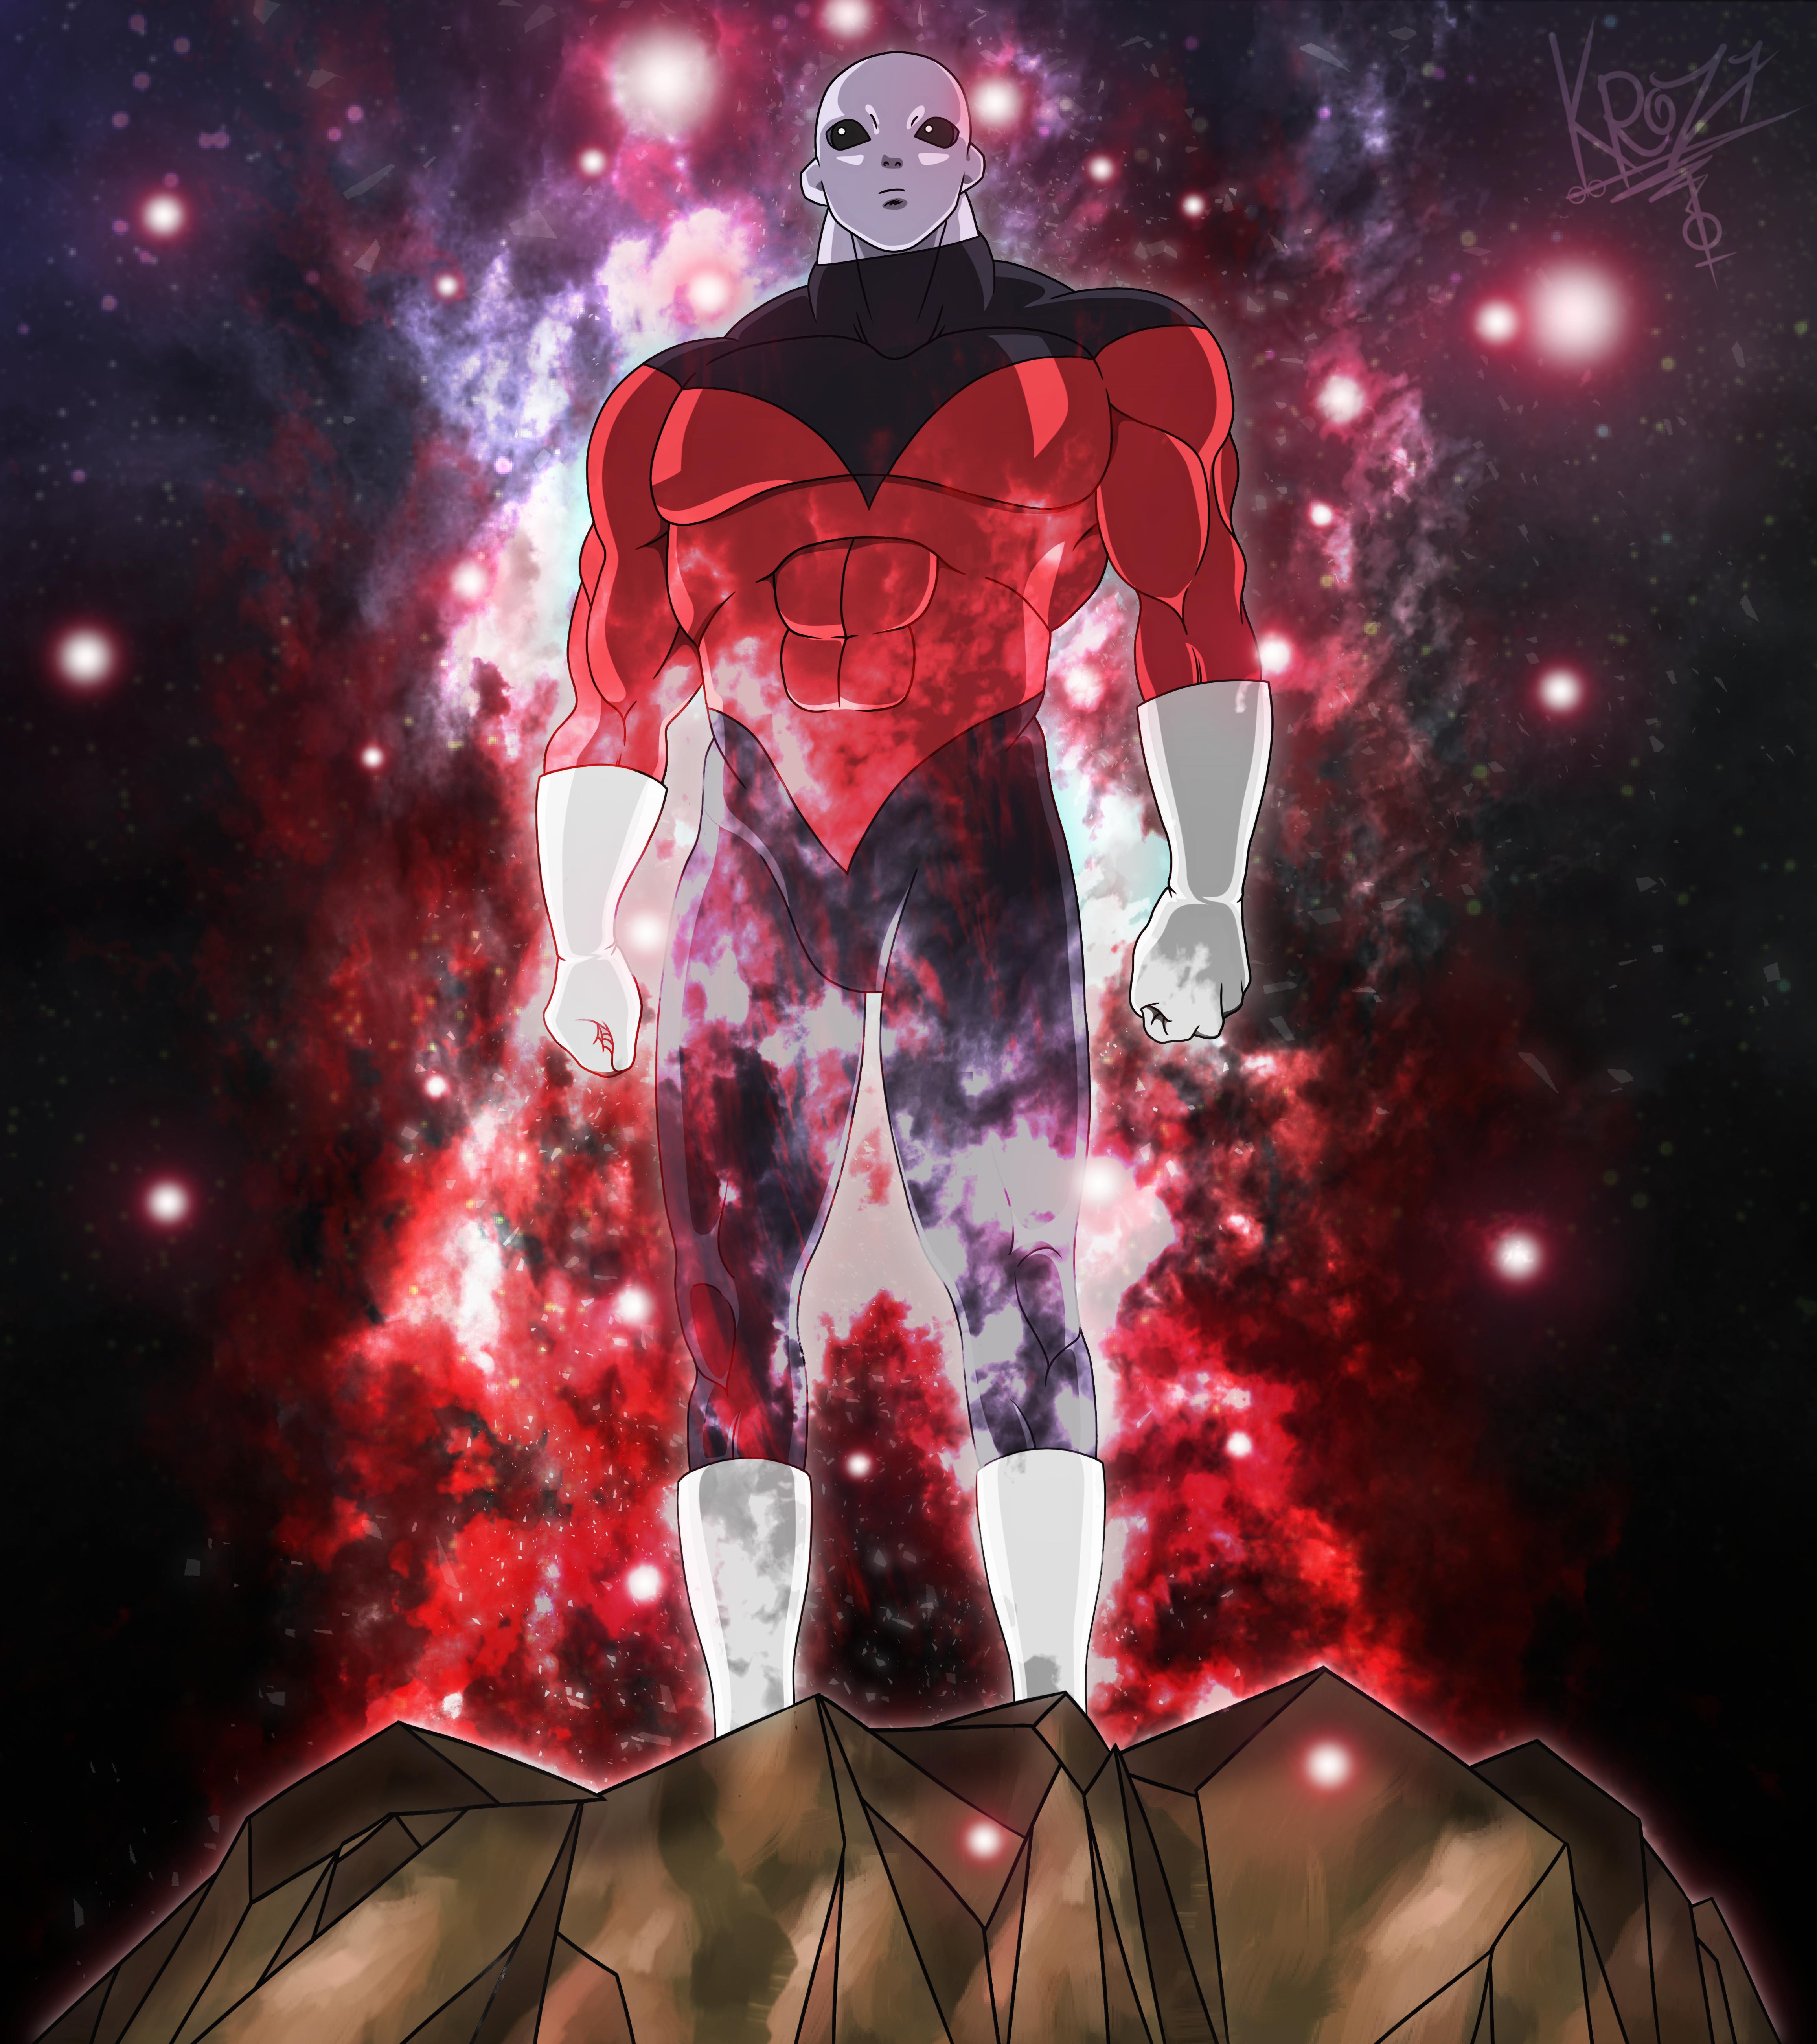 Jiren Full Power Universe 11 Por Secrethet Anime Dragon Ball